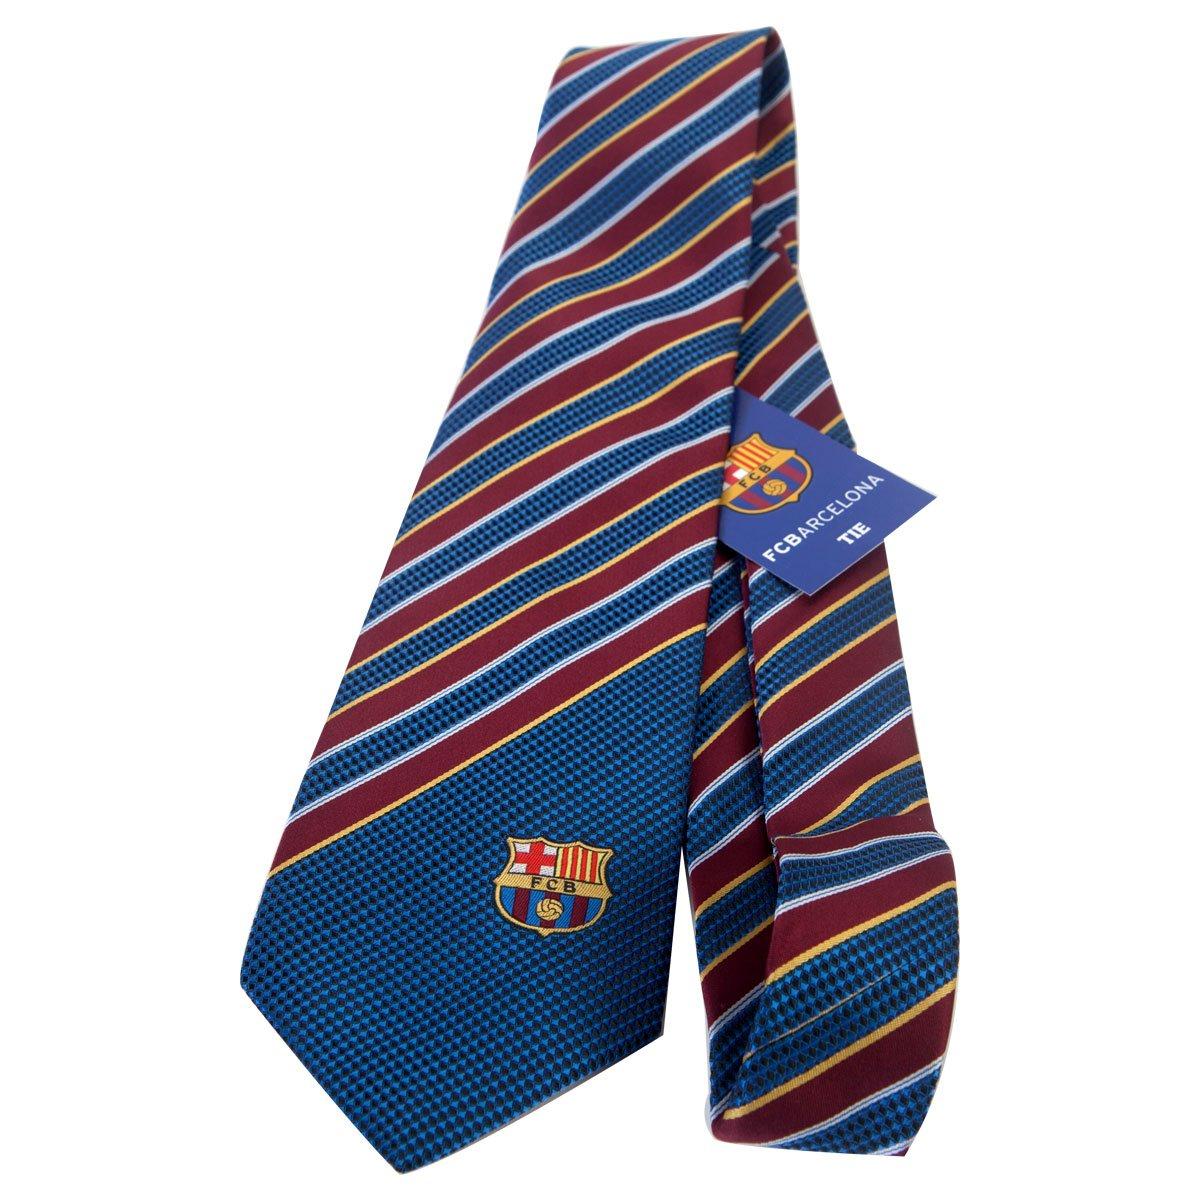 F.C. Barcelona F. C. Barcelona Tie St: Amazon.es: Deportes y aire ...